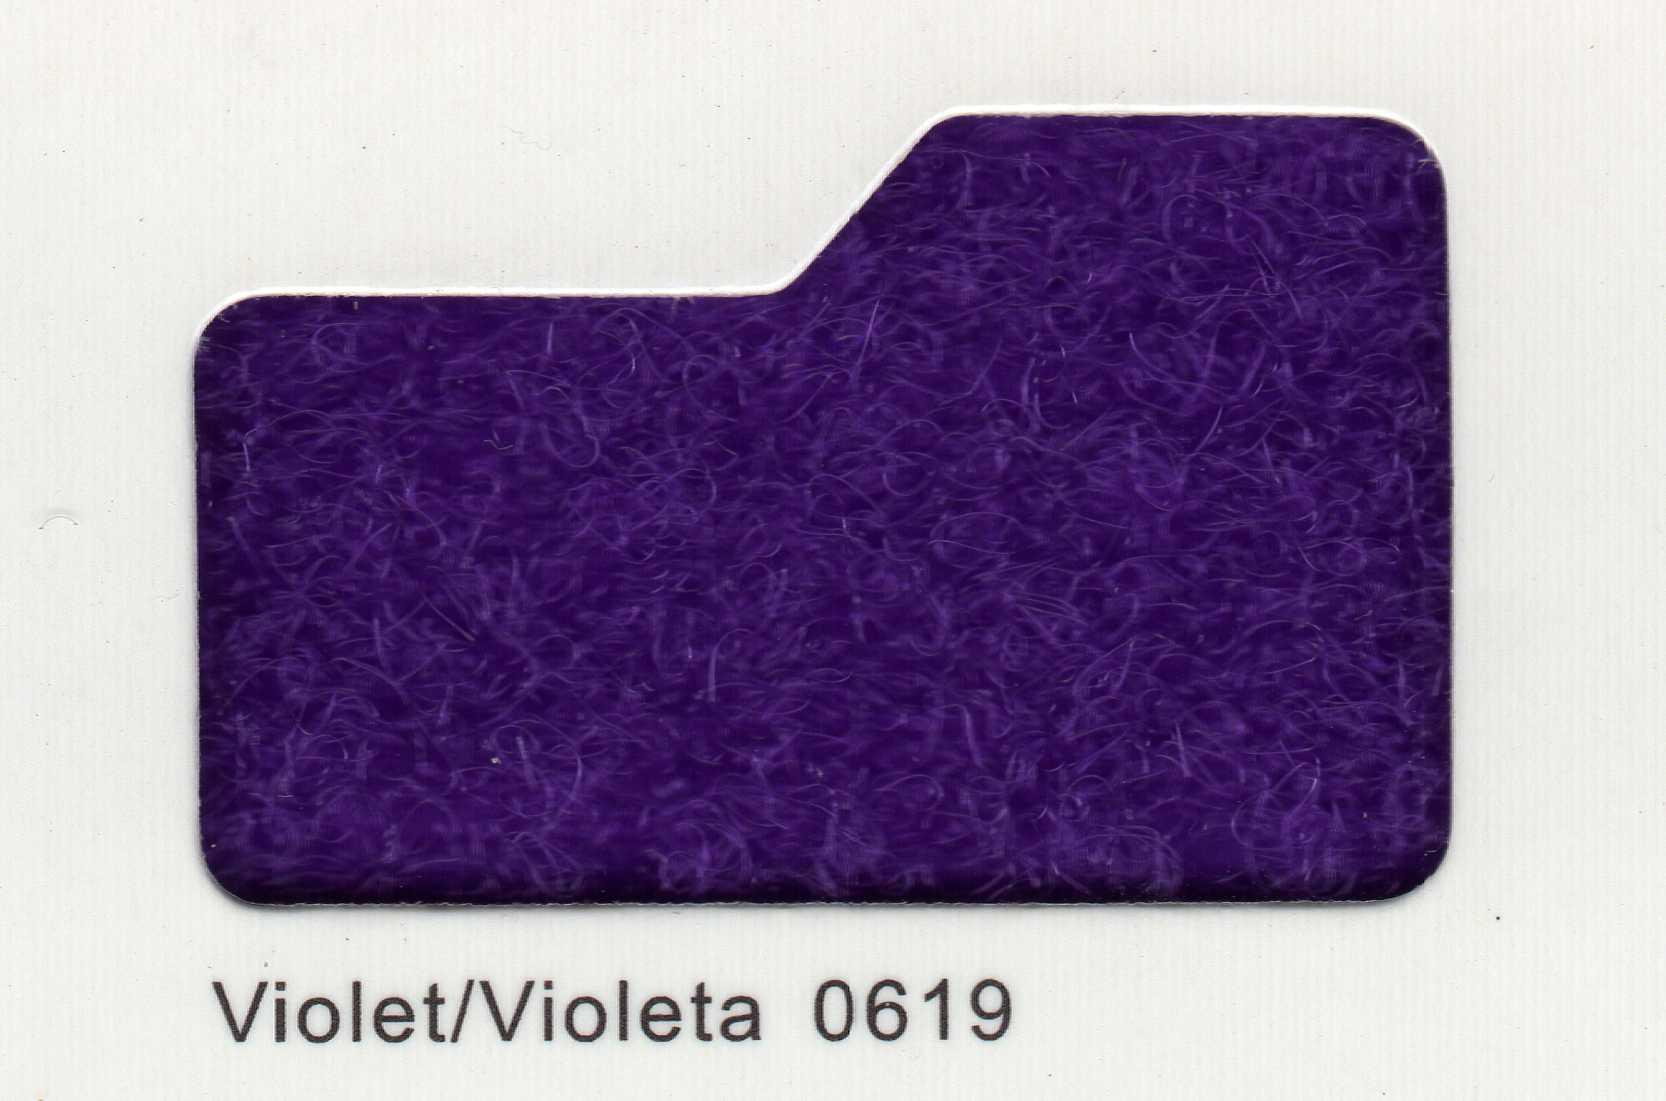 Cinta de cierre Velcro-Veraco 50mm Violeta 0619 (Gancho).